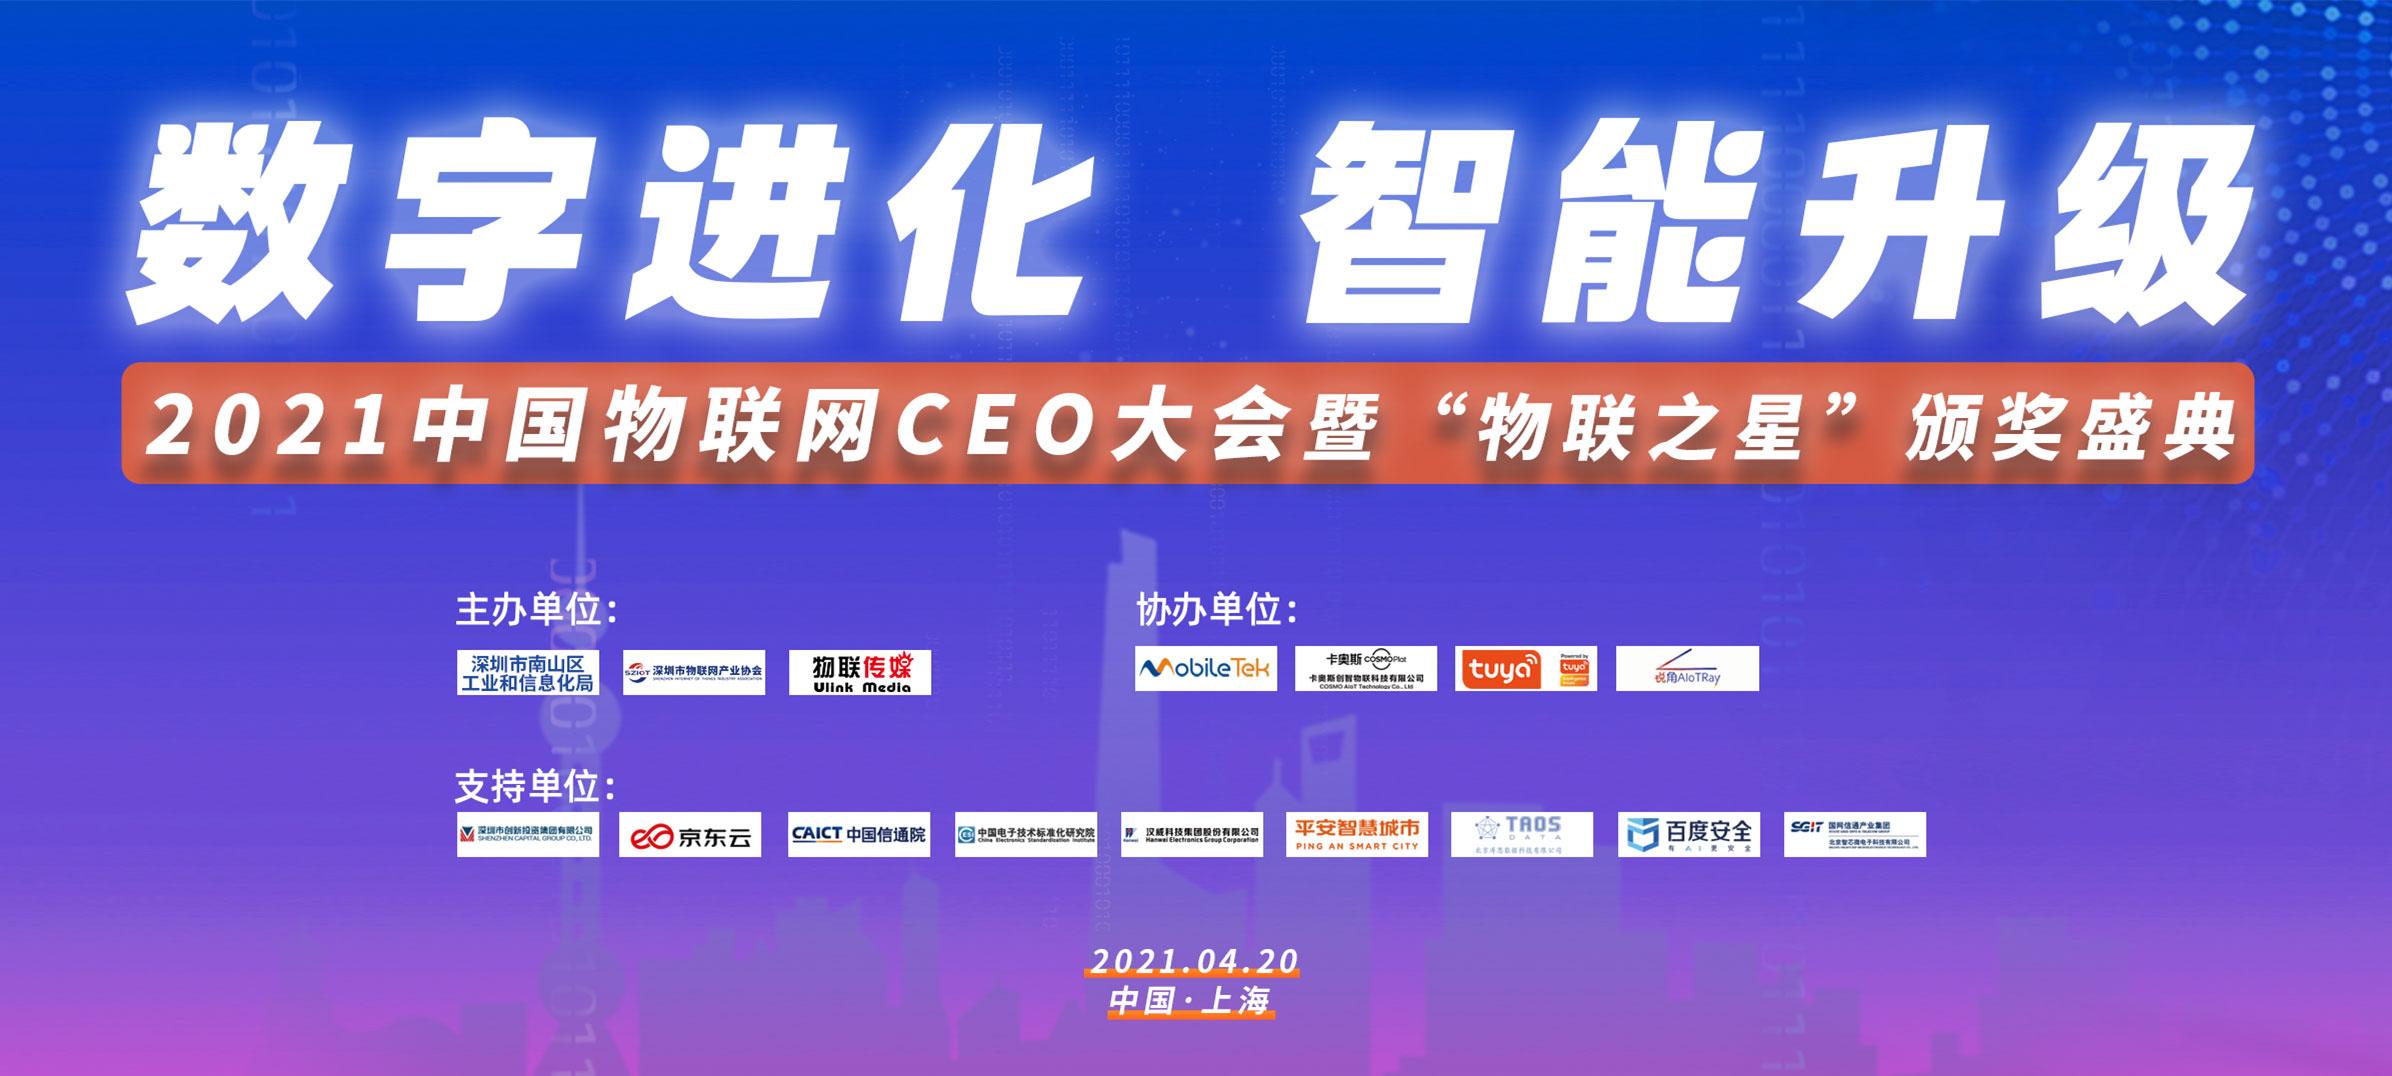 """2021中國物聯網CEO大會暨""""物聯之星""""頒獎典禮"""